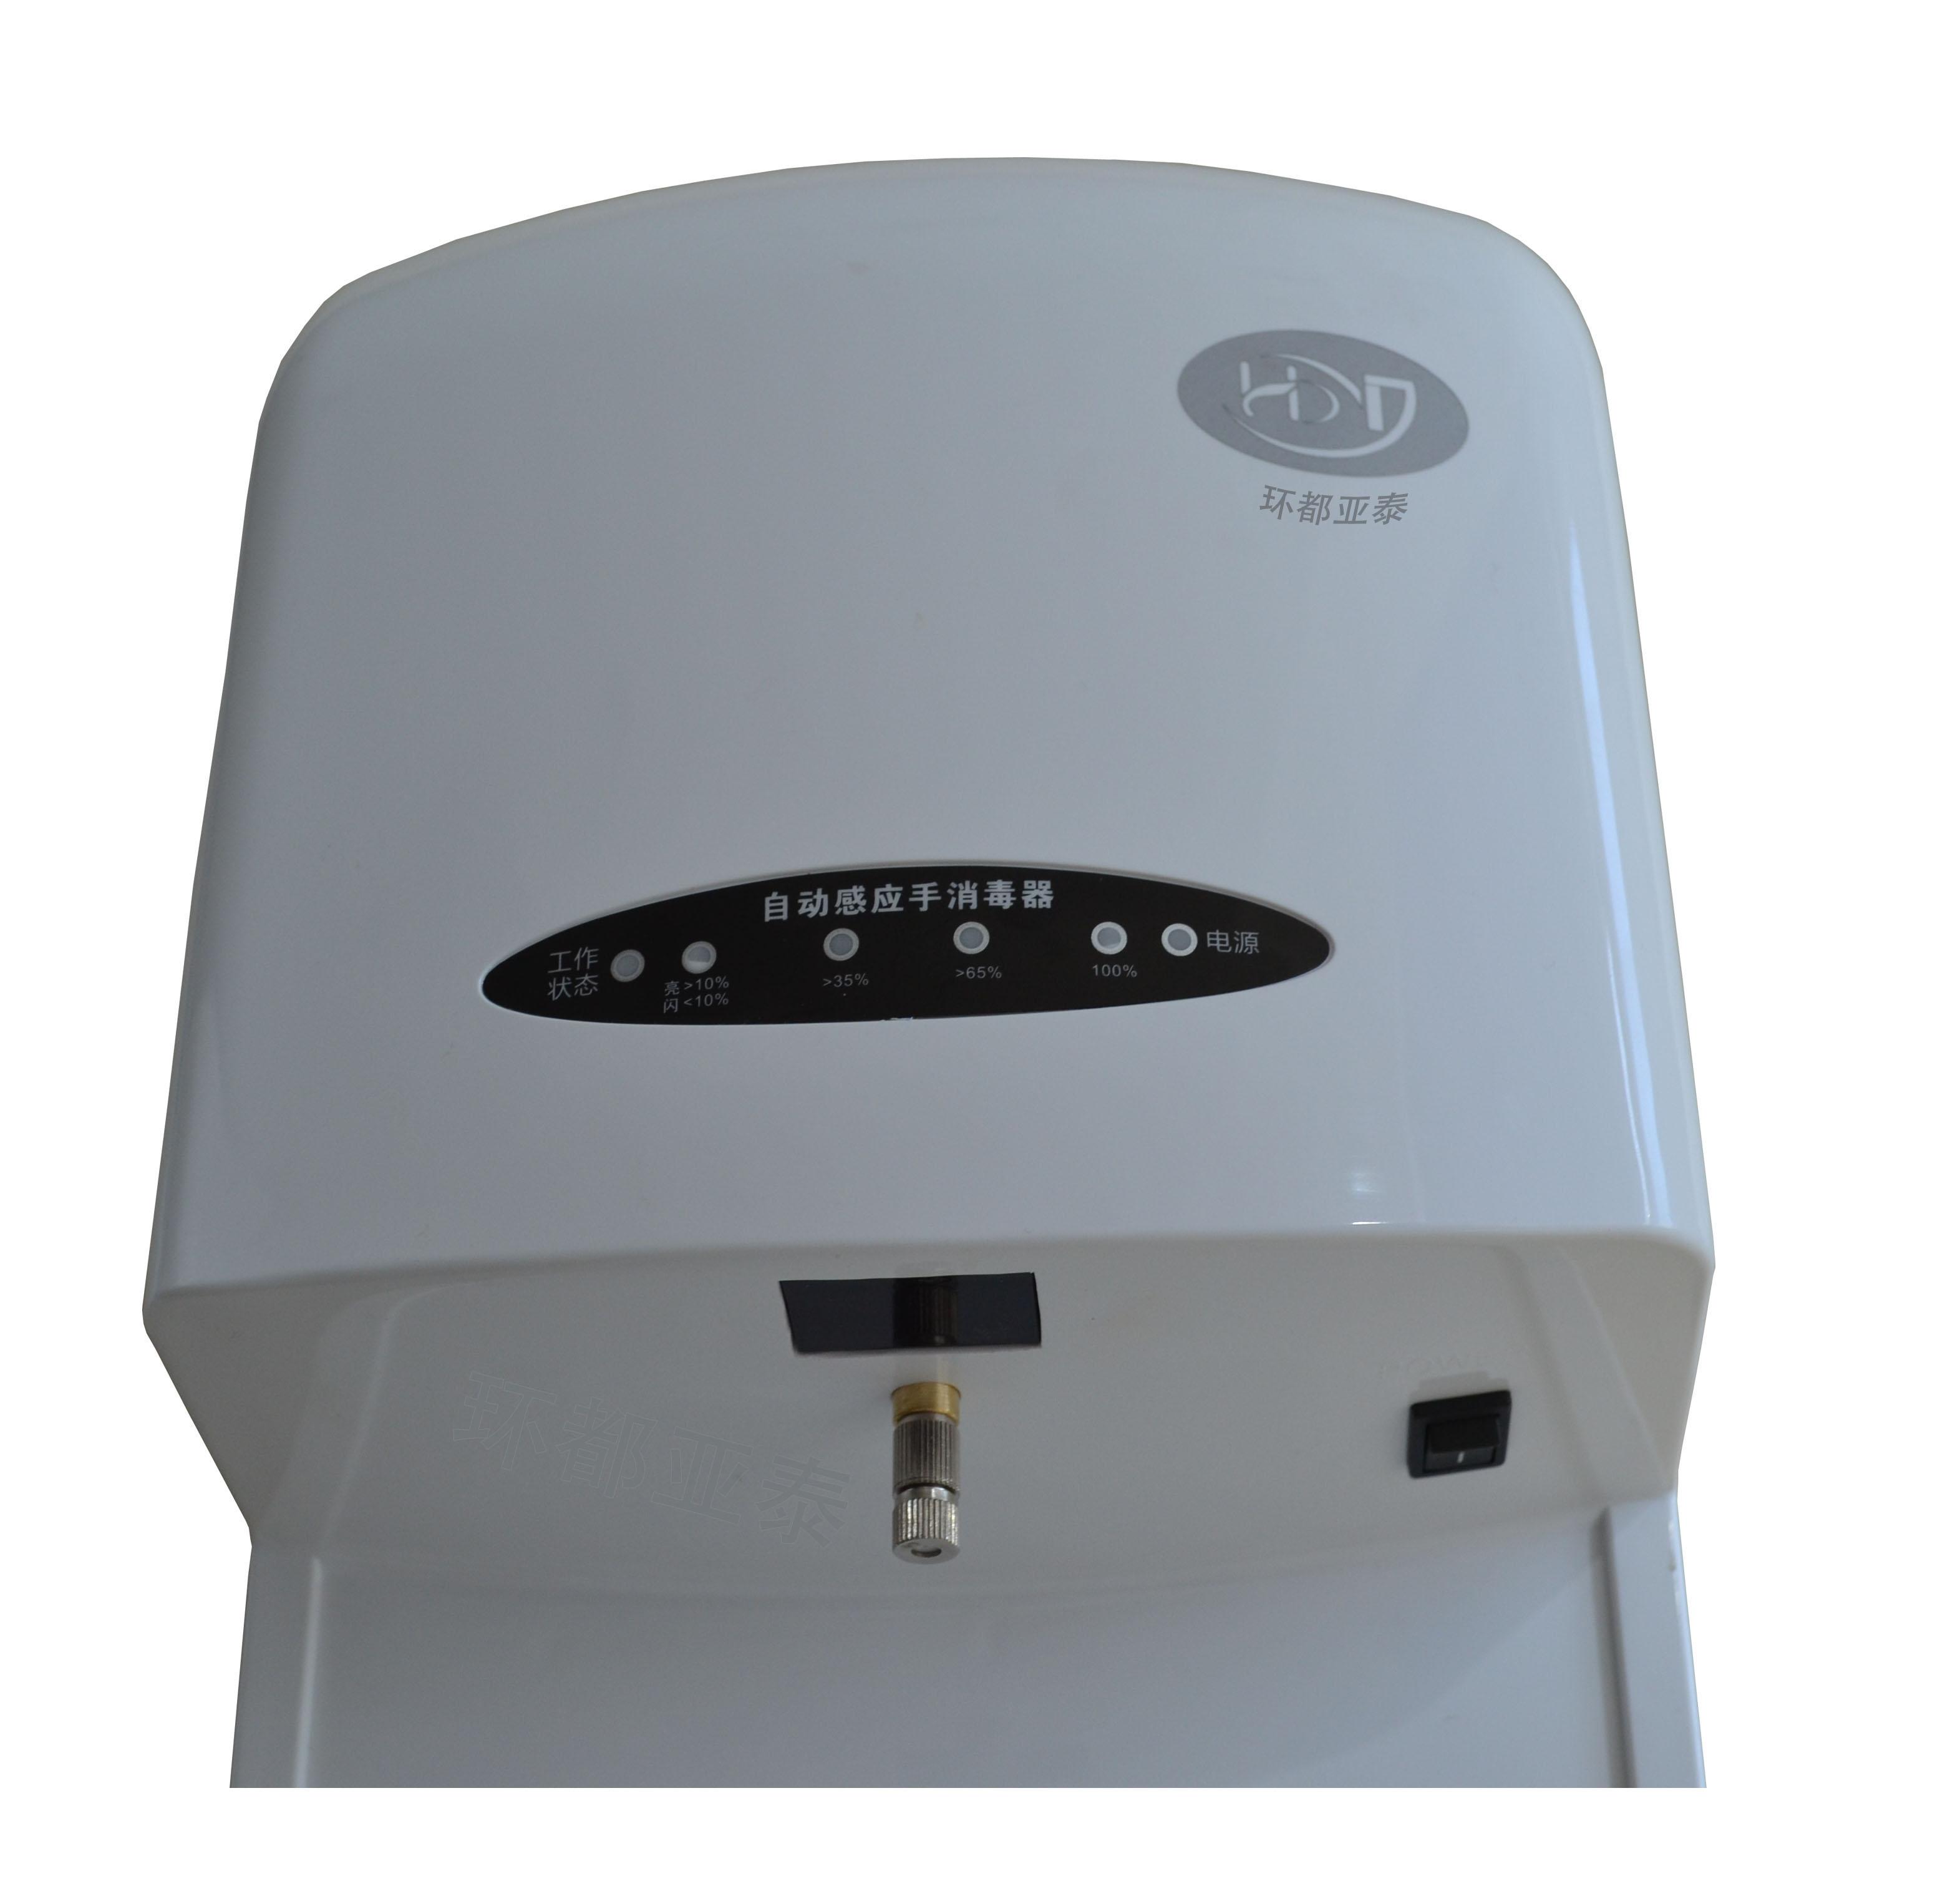 感应手消毒器图片/感应手消毒器样板图